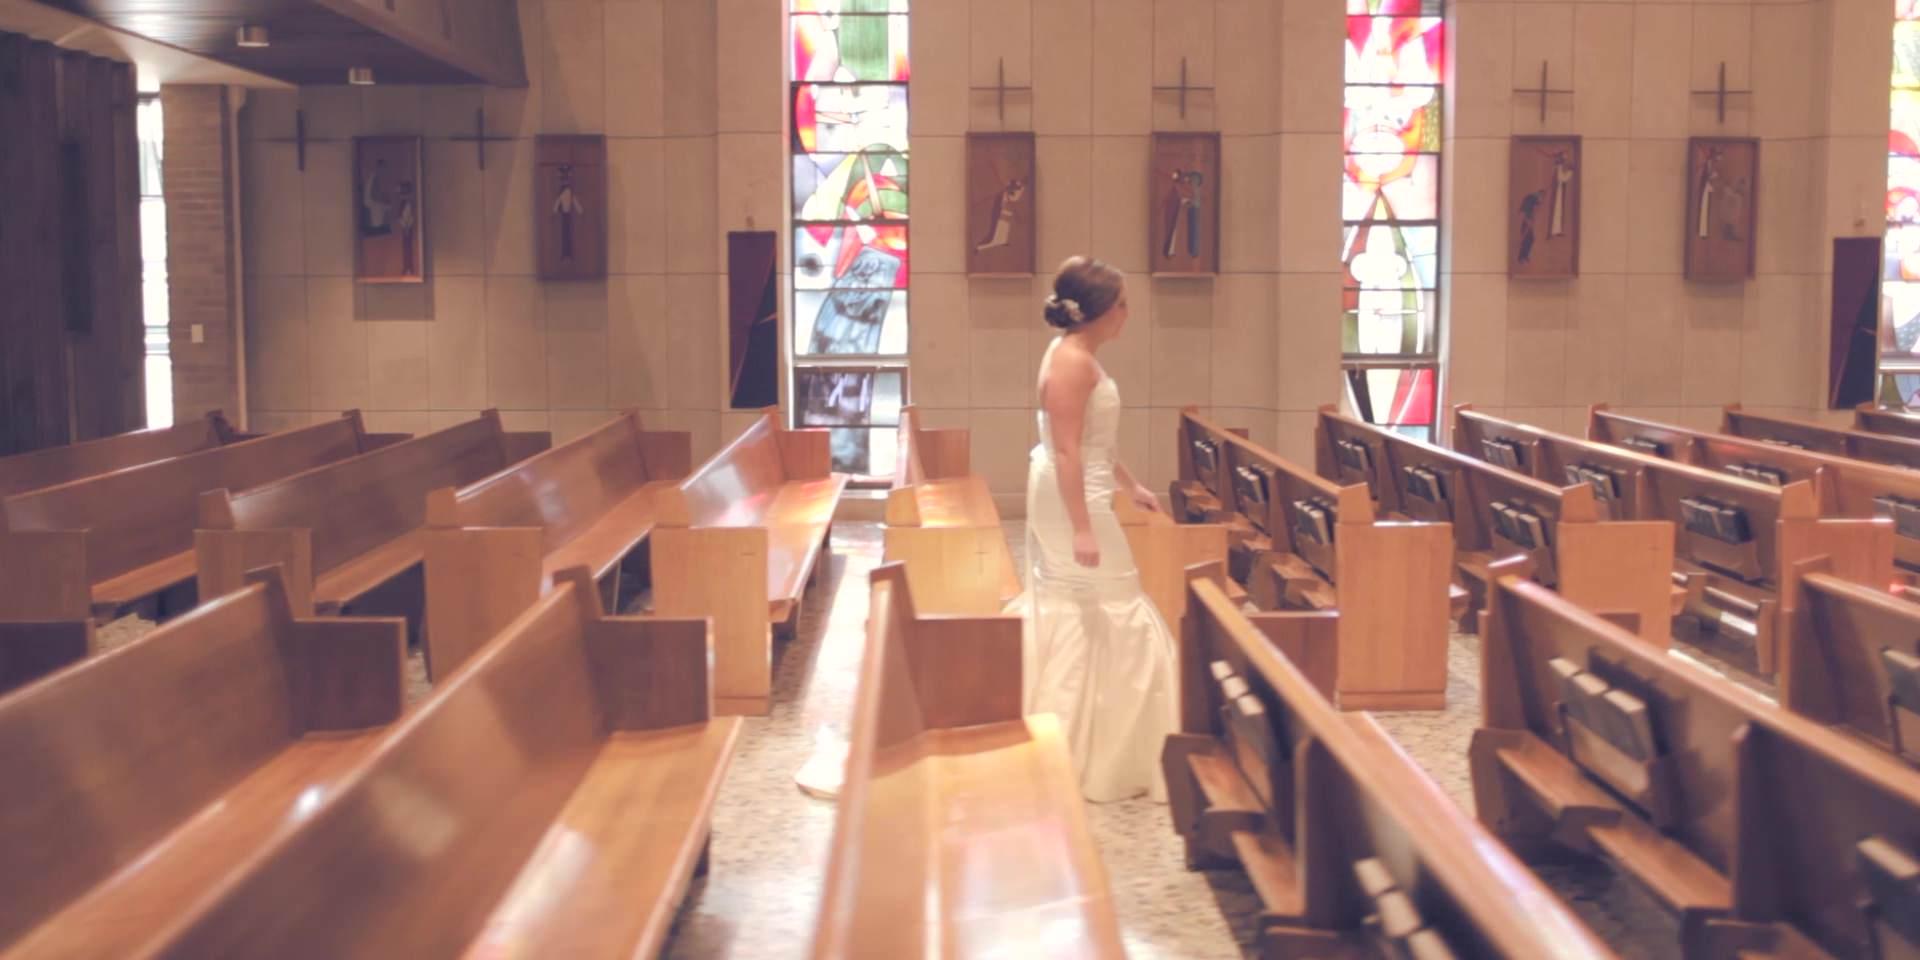 matt&anna wedding story.mp4-still00012.jpg